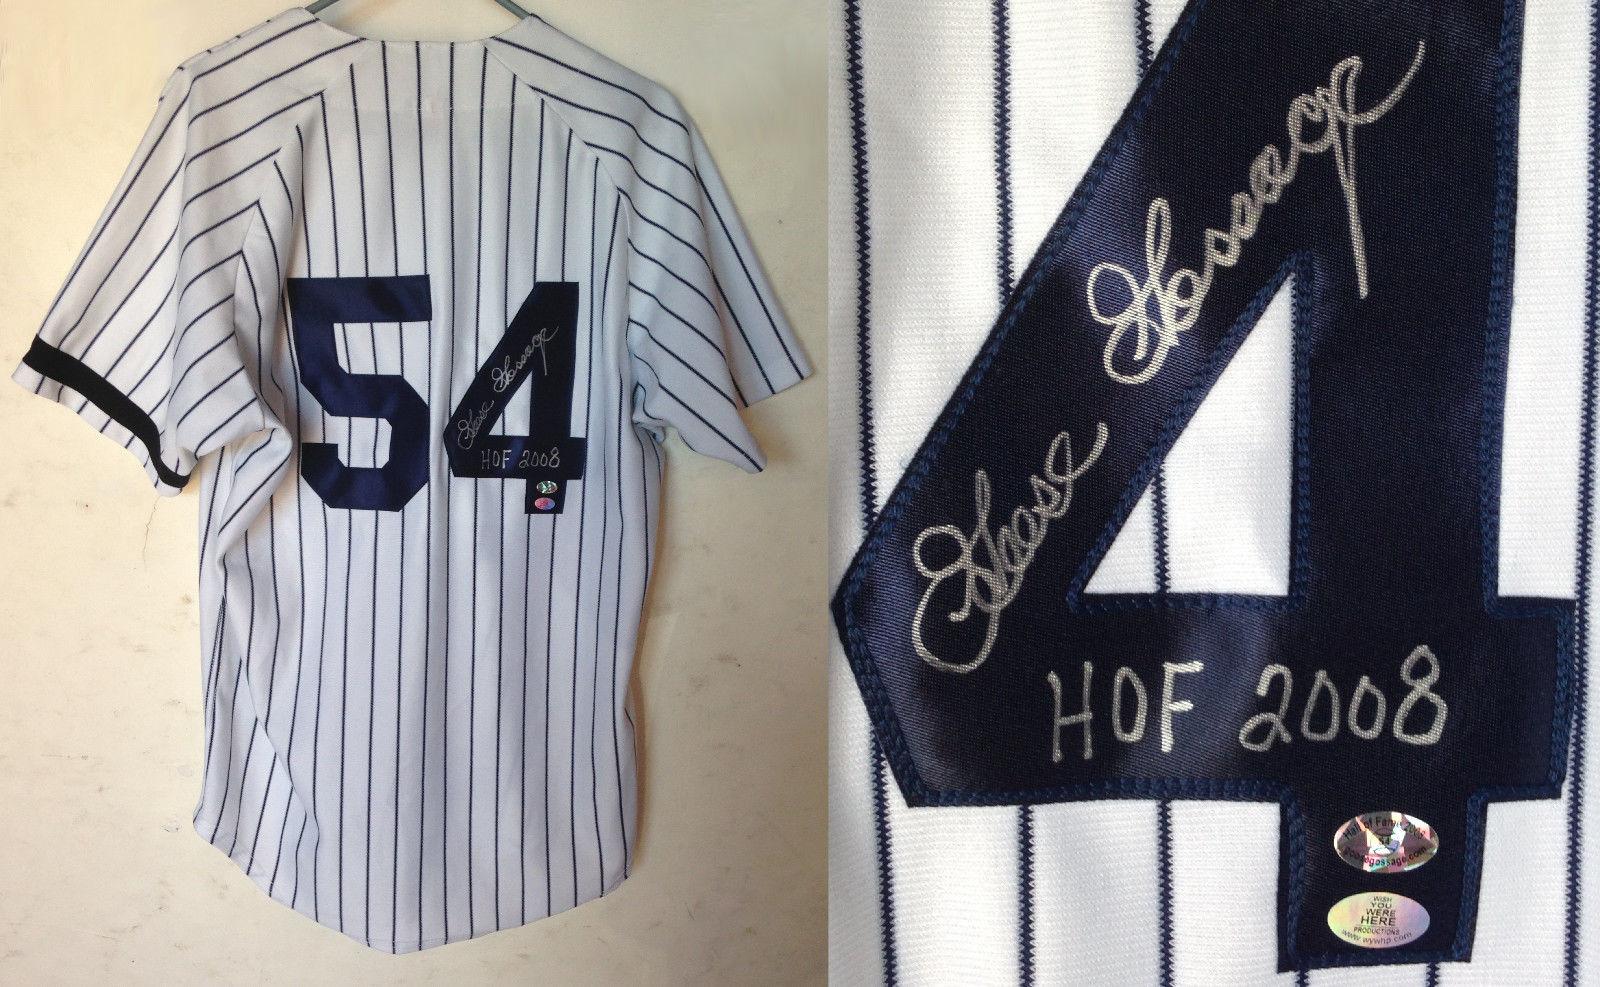 Goose Gossage Signed NY Yankees #54 baseball jersey ins HOF 2008 agent holo COA